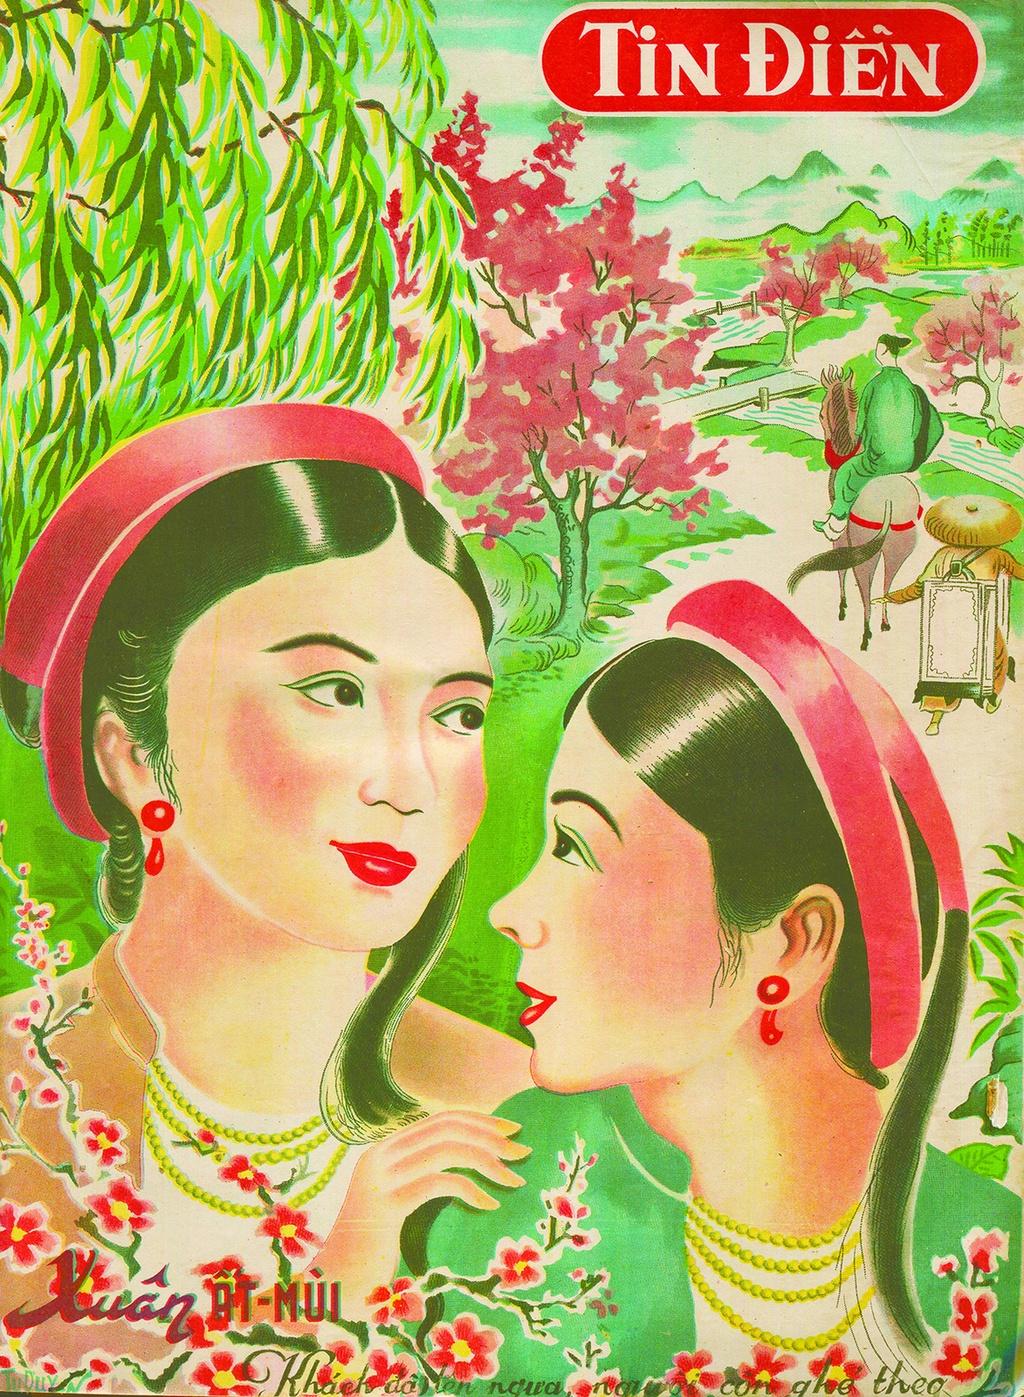 Bao Xuan Sai Gon xua: Giai pham va giai nhan hinh anh 9